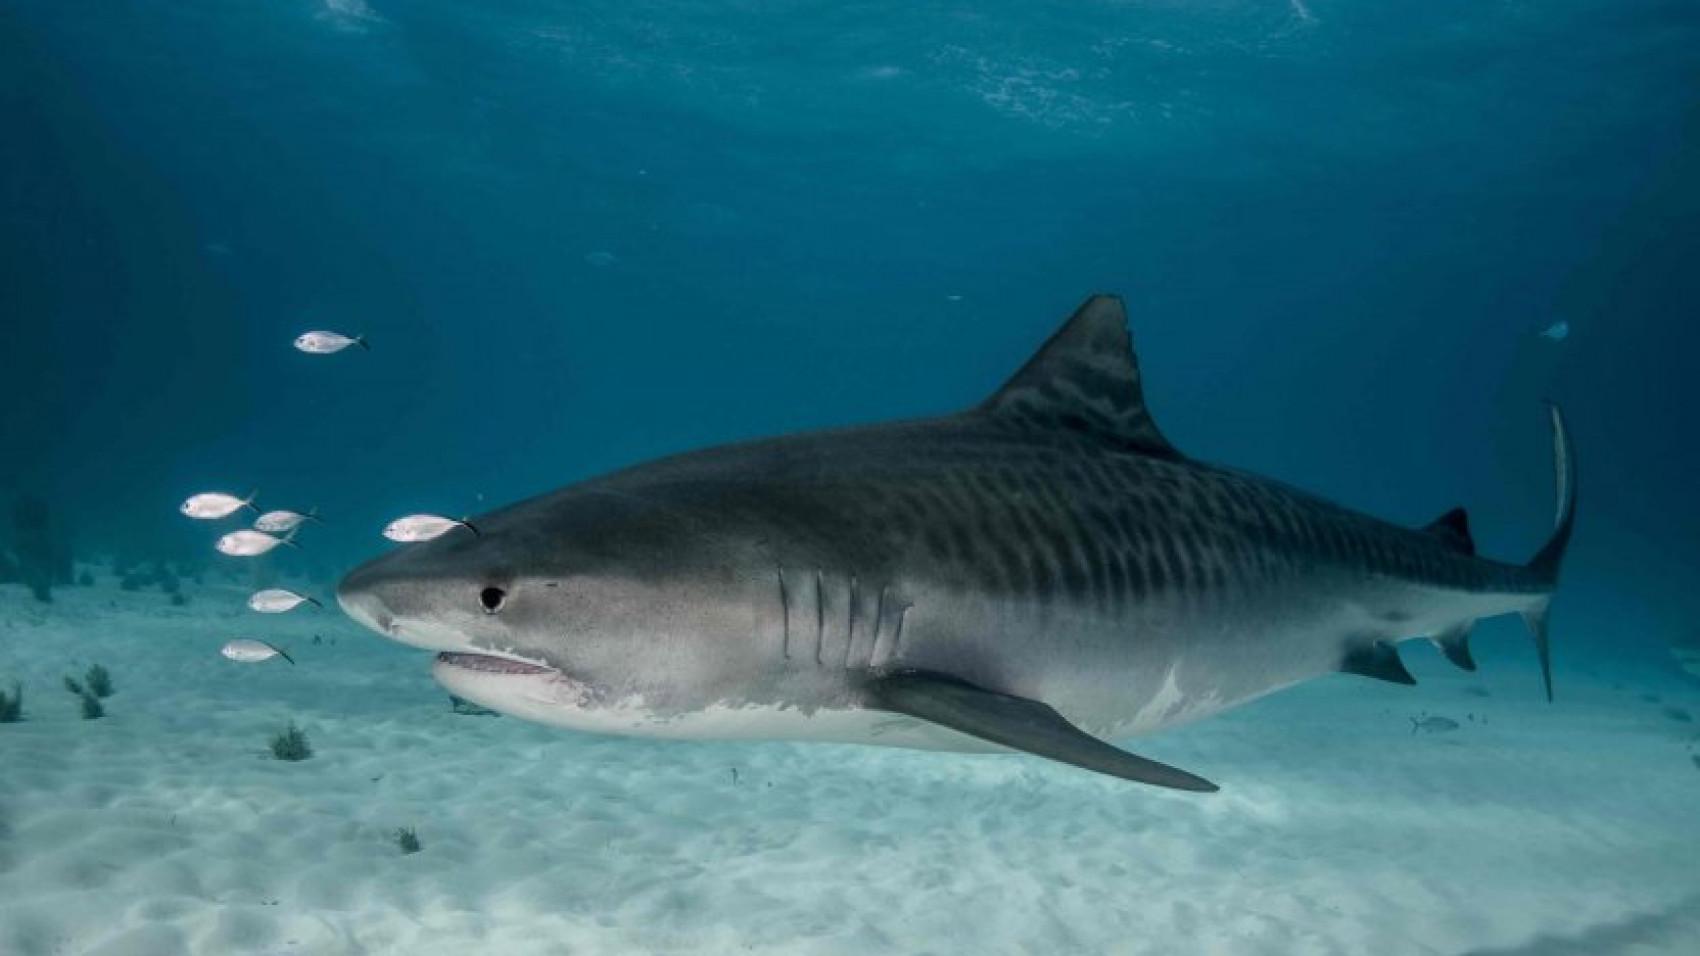 Skal vi frygte hajer mere efter fatalt angreb?